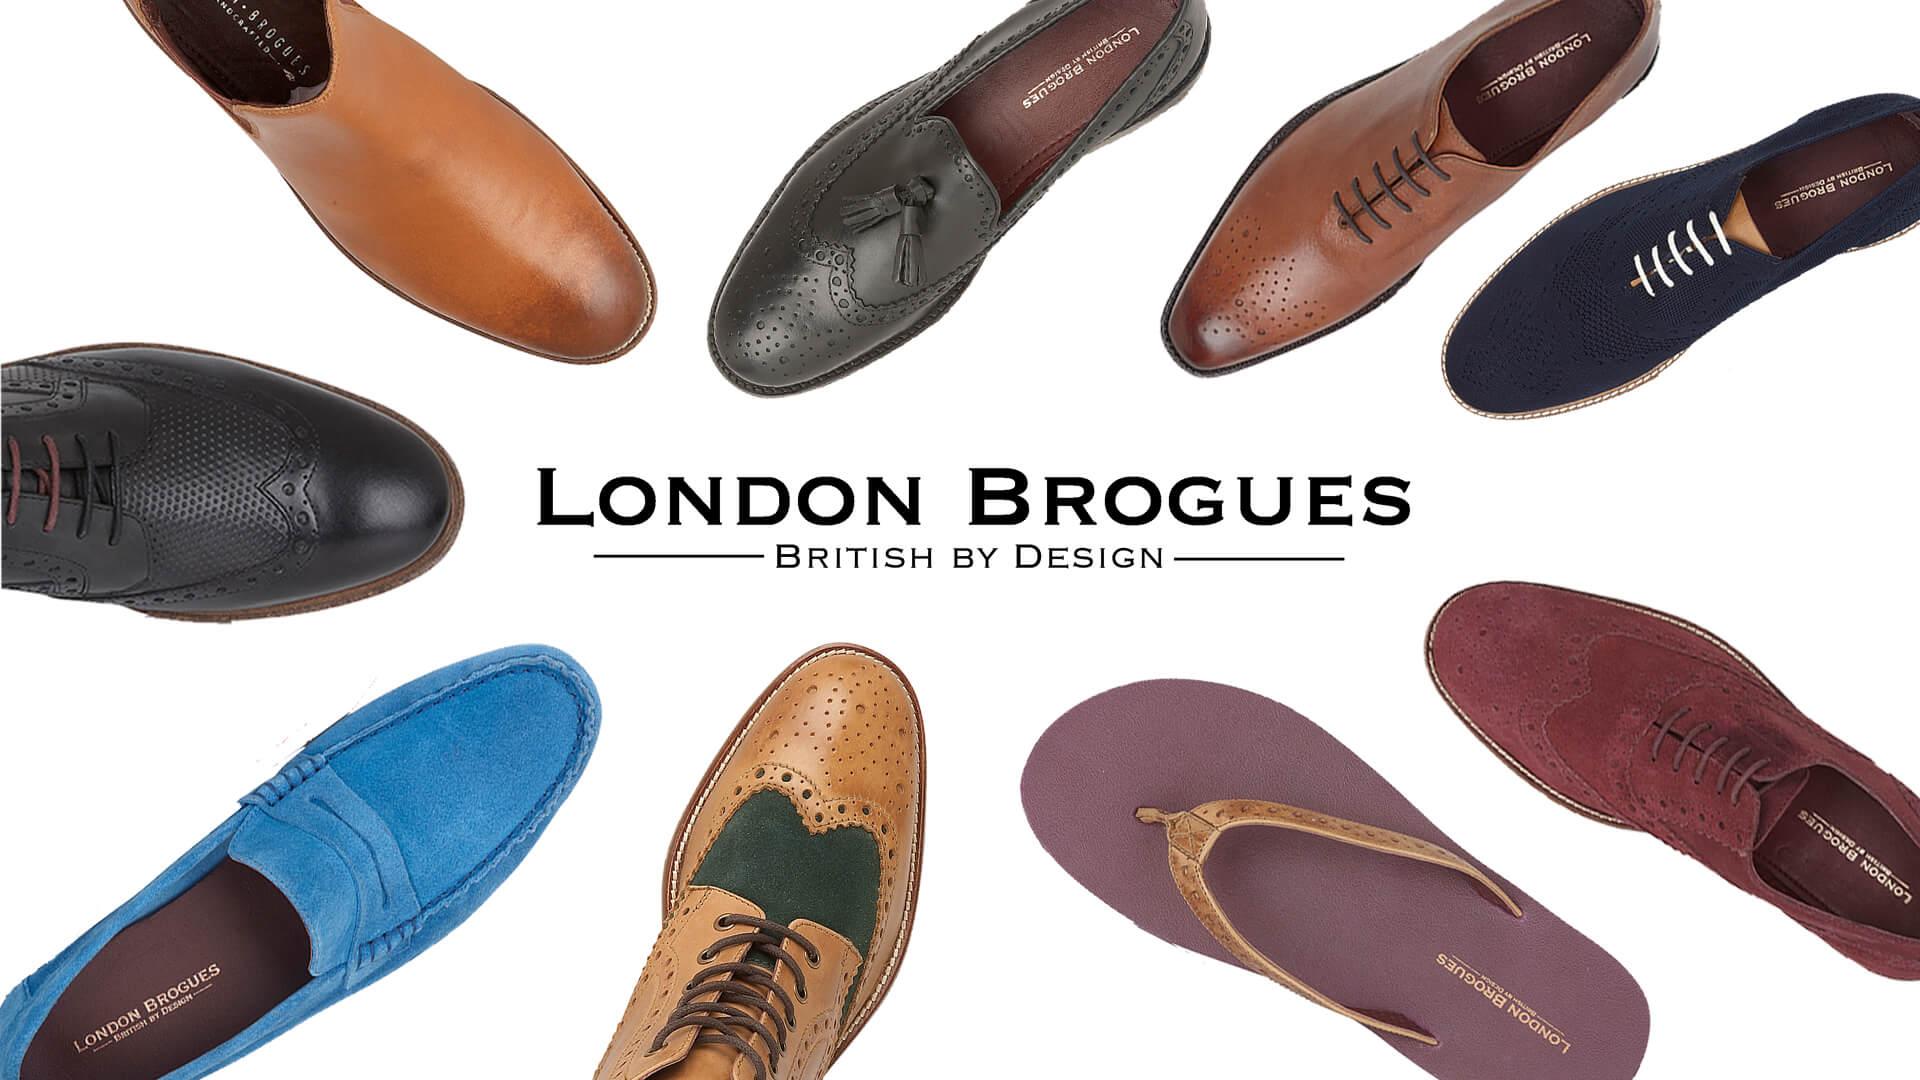 کفش های اعلامیه و SUEDE DOMINATE LONDON BROGUES مجموعه تابستانی